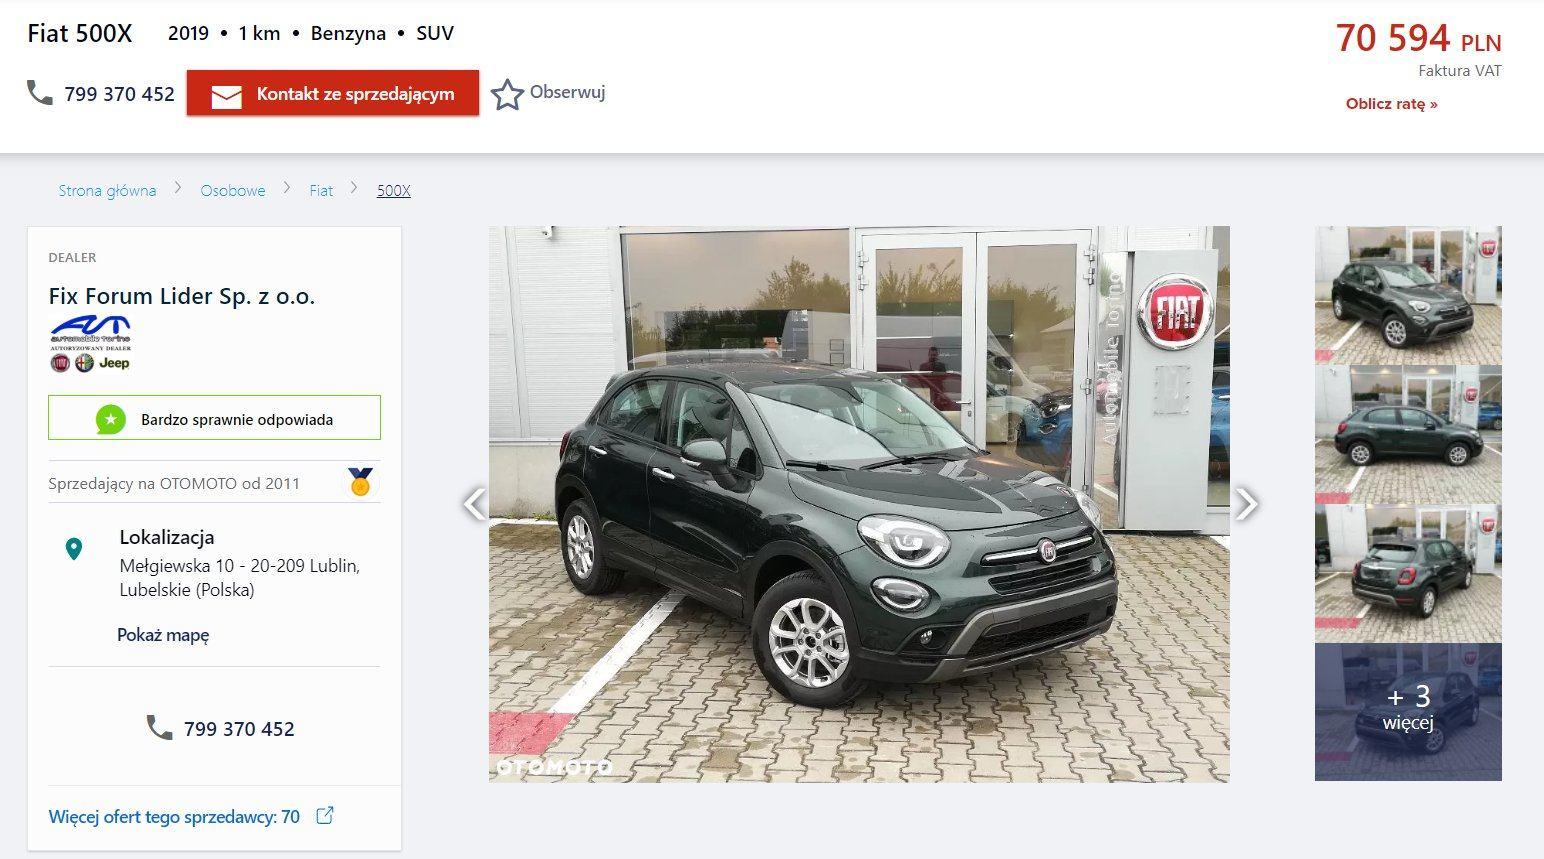 Oferta sprzedaży: Fiat 500X, źródło: OtoMoto